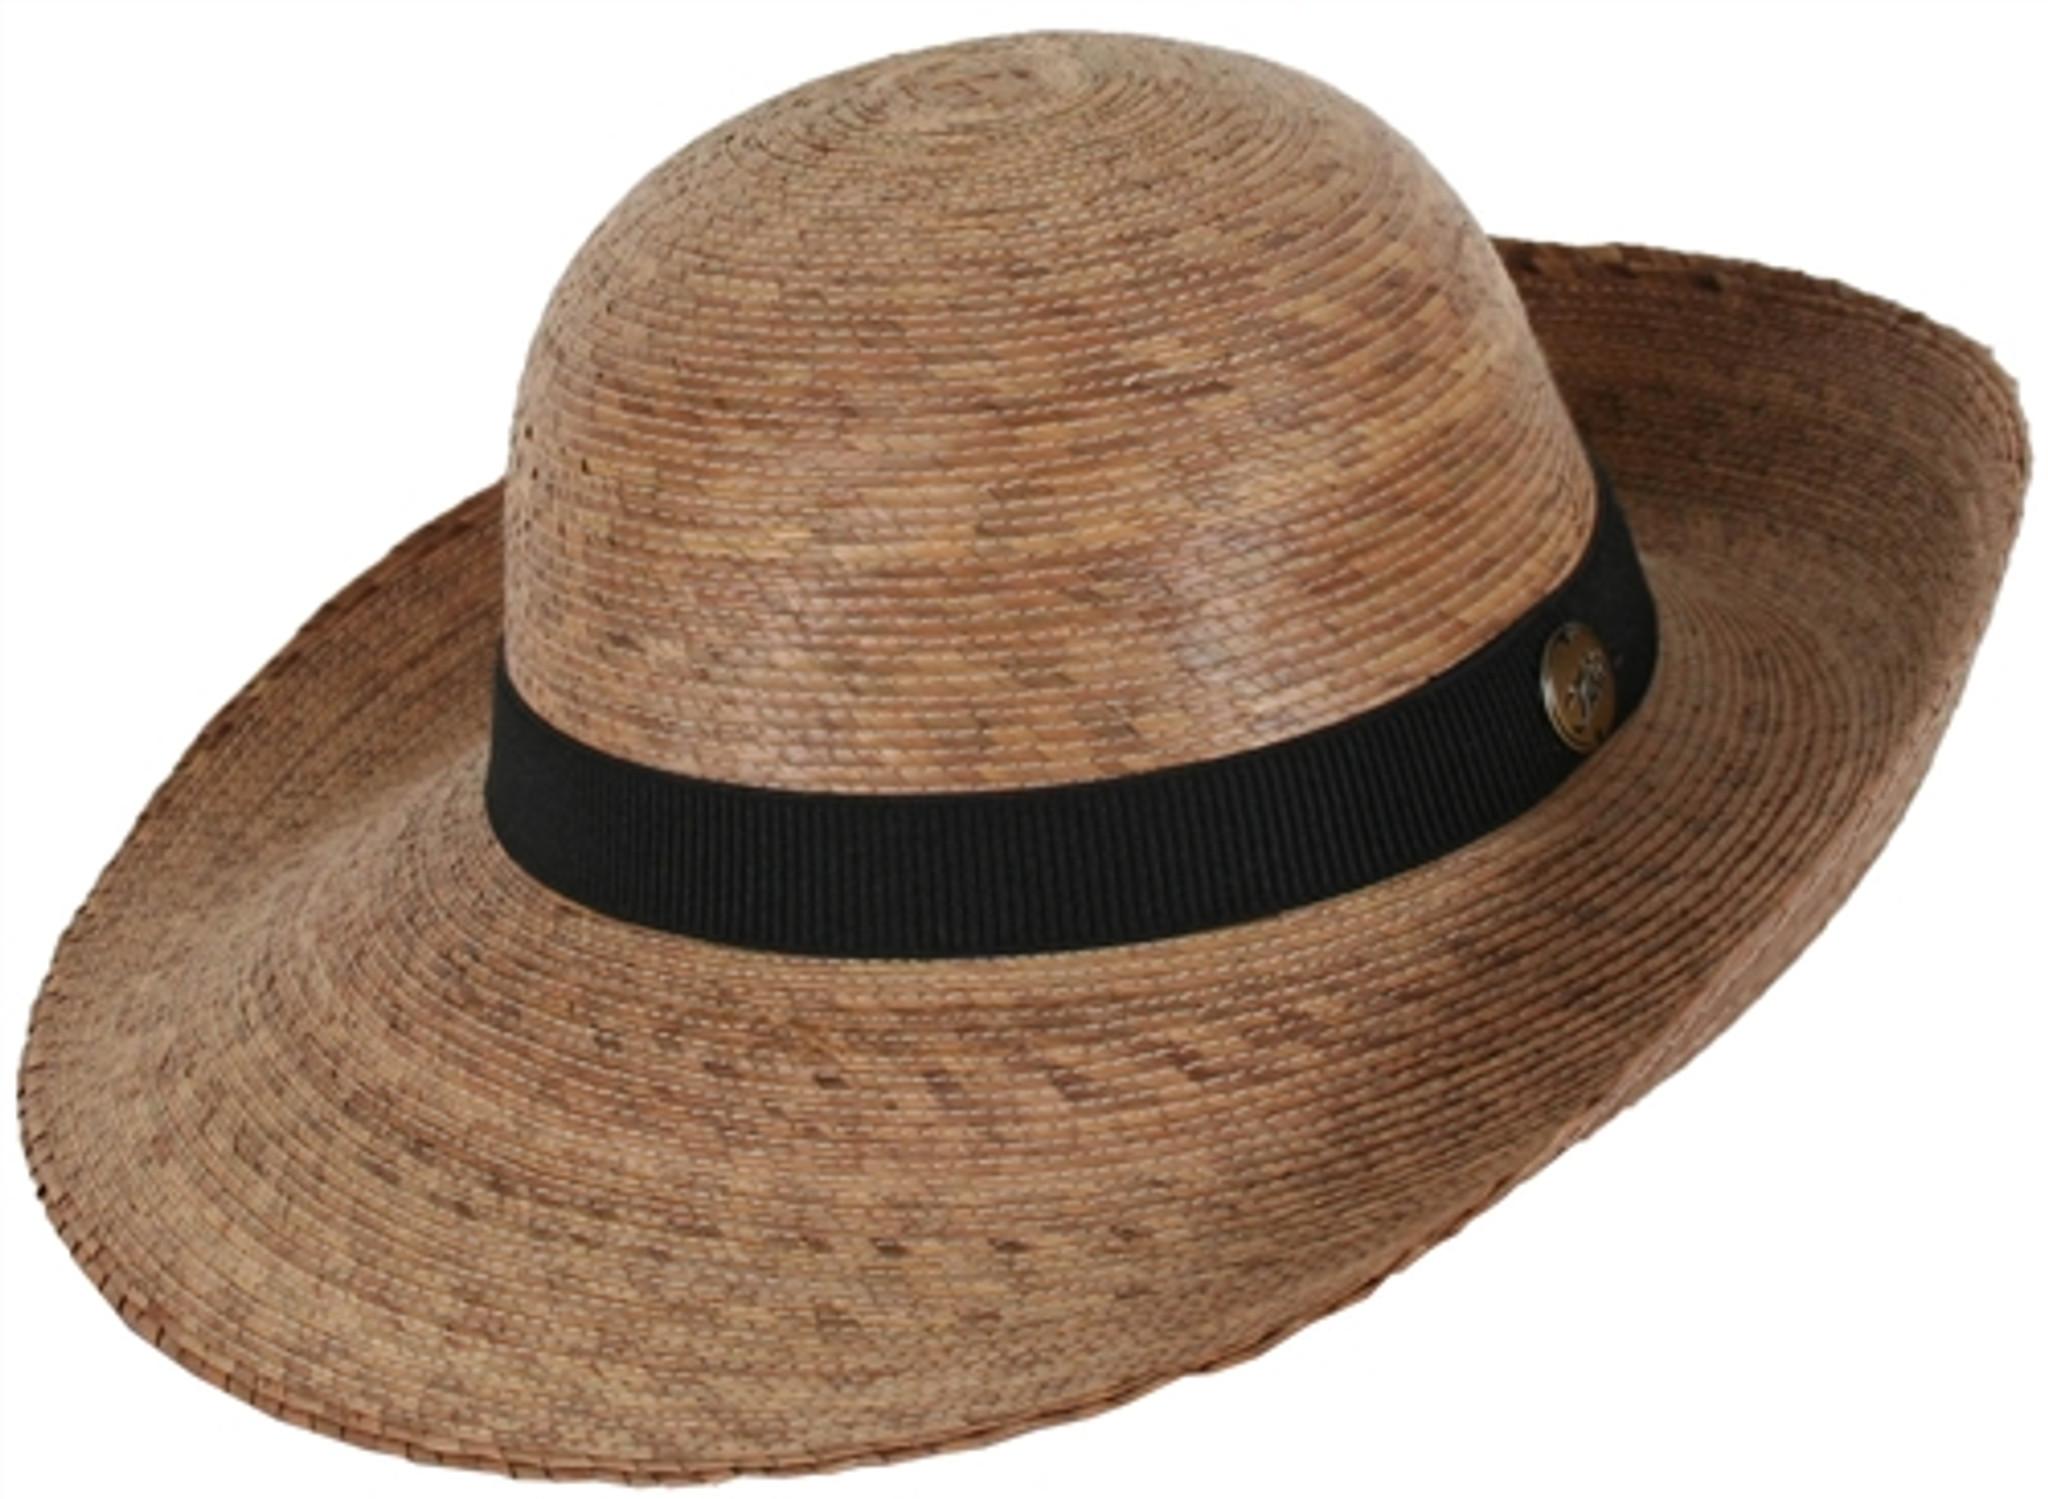 c5e4e66e1dab4 Tula Hats / Chloe Women's Hat - Farm Diggity